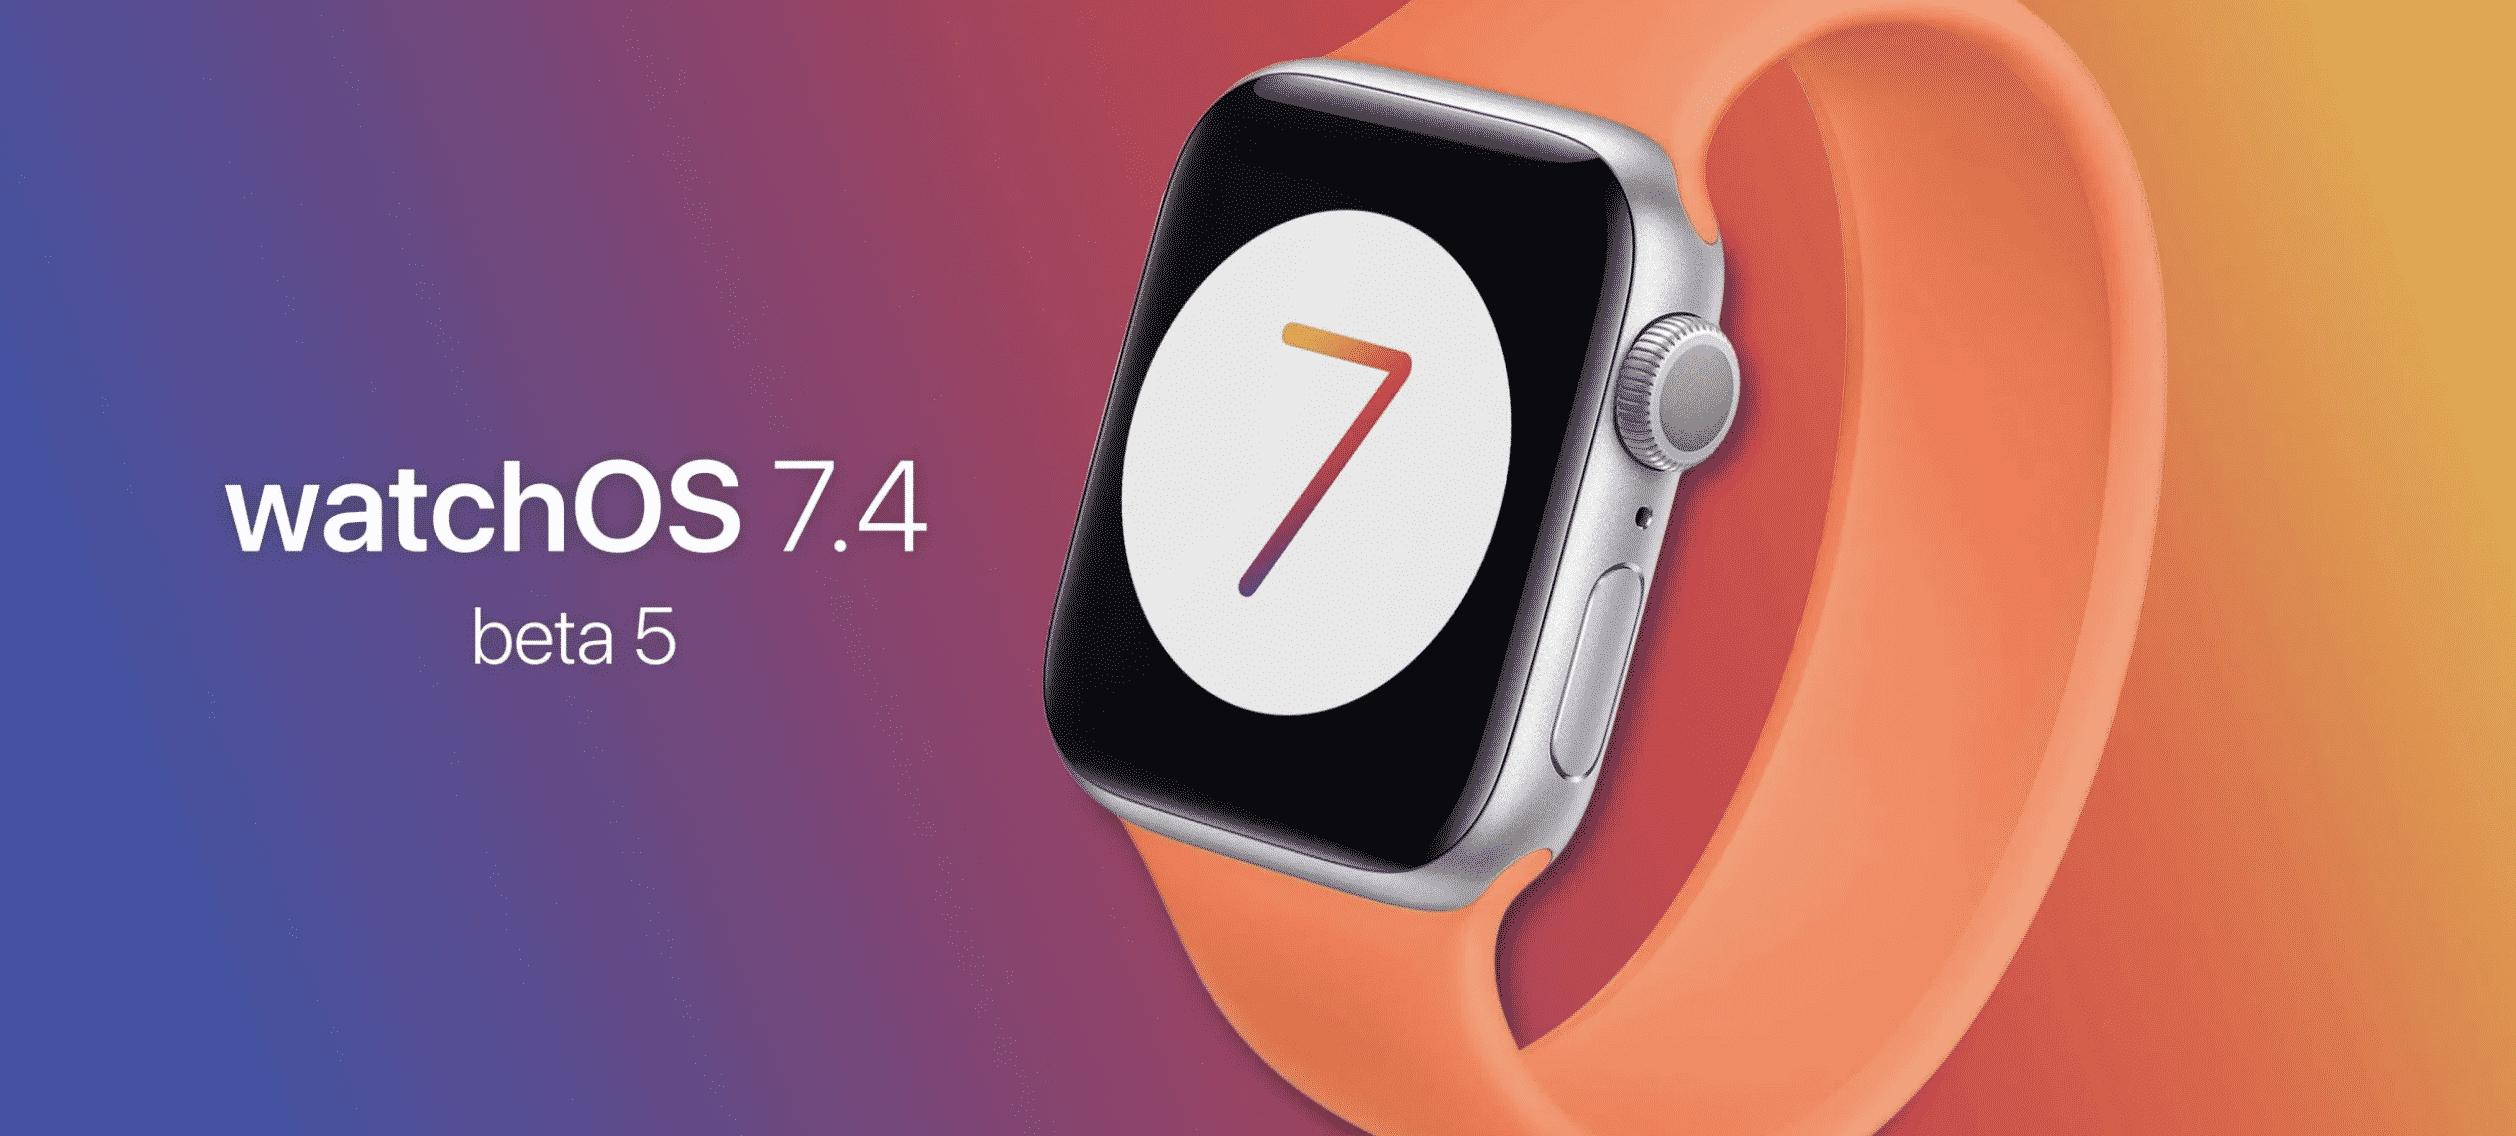 watchOS 7.4 Beta 5 Released